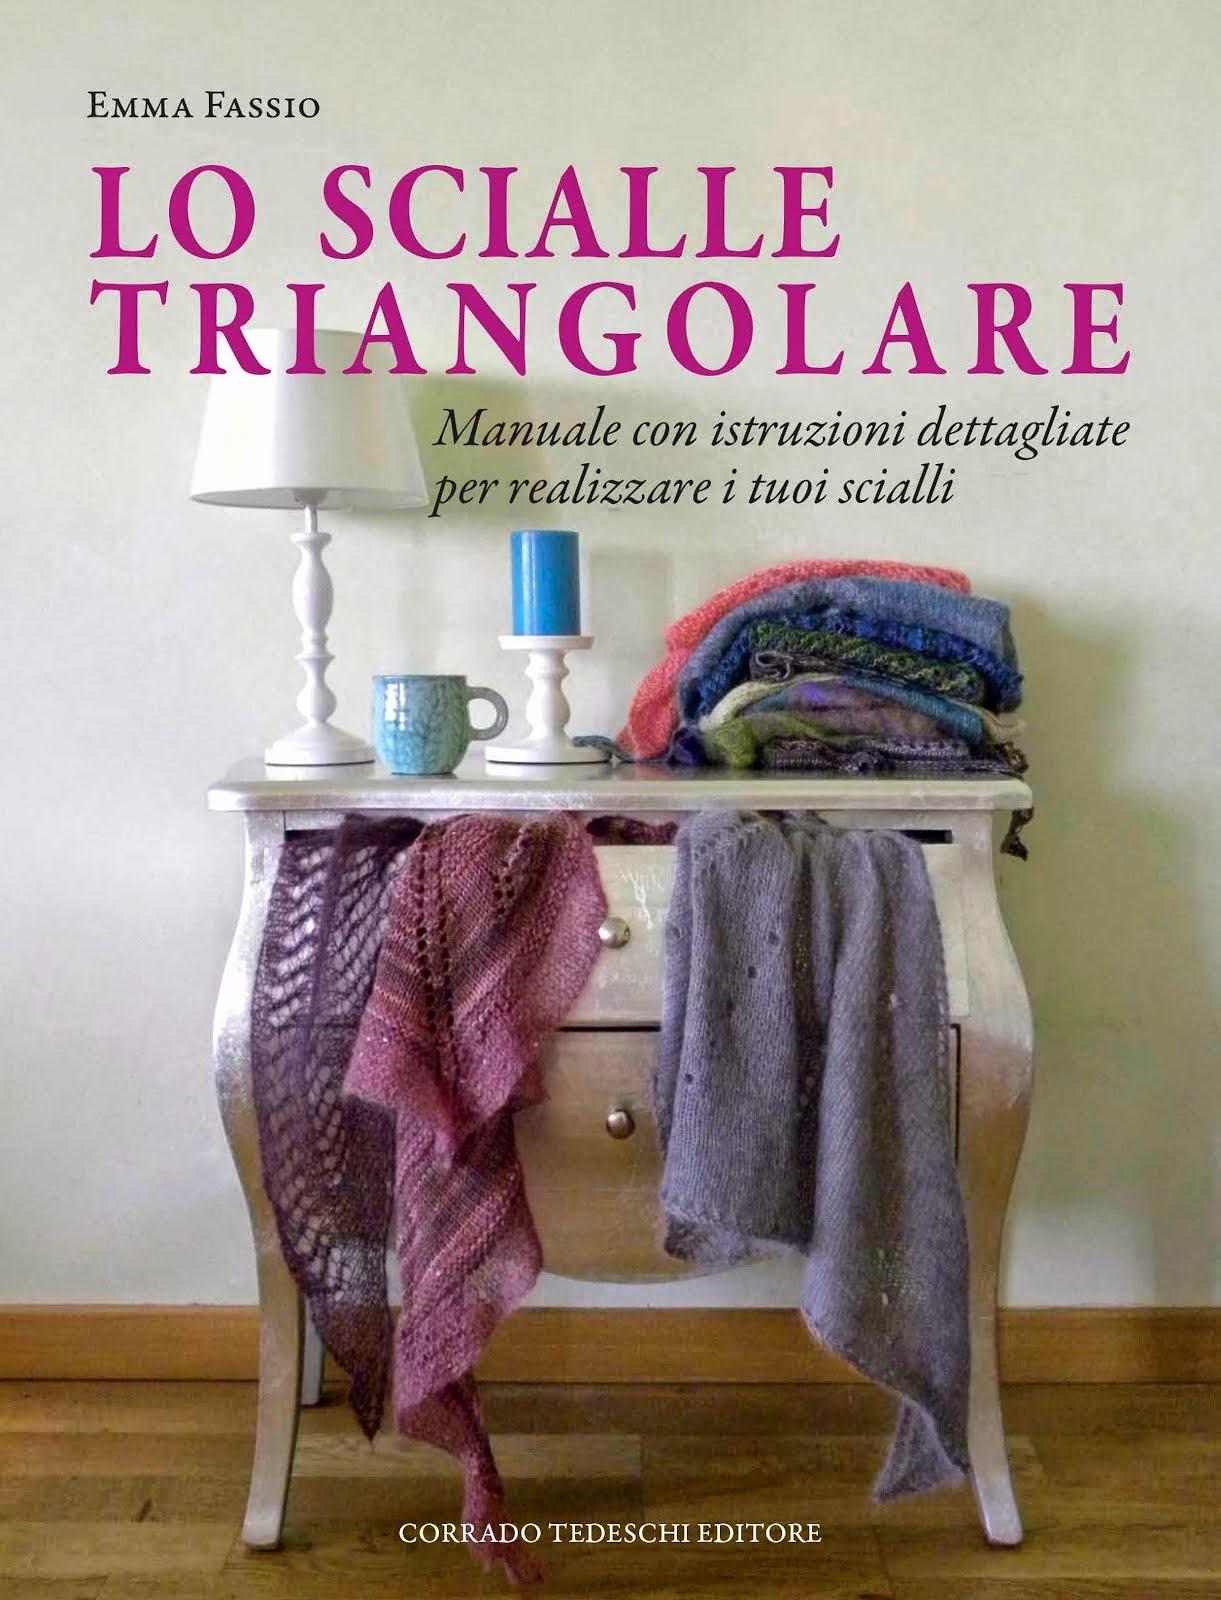 Libro sugli scialli triangolari